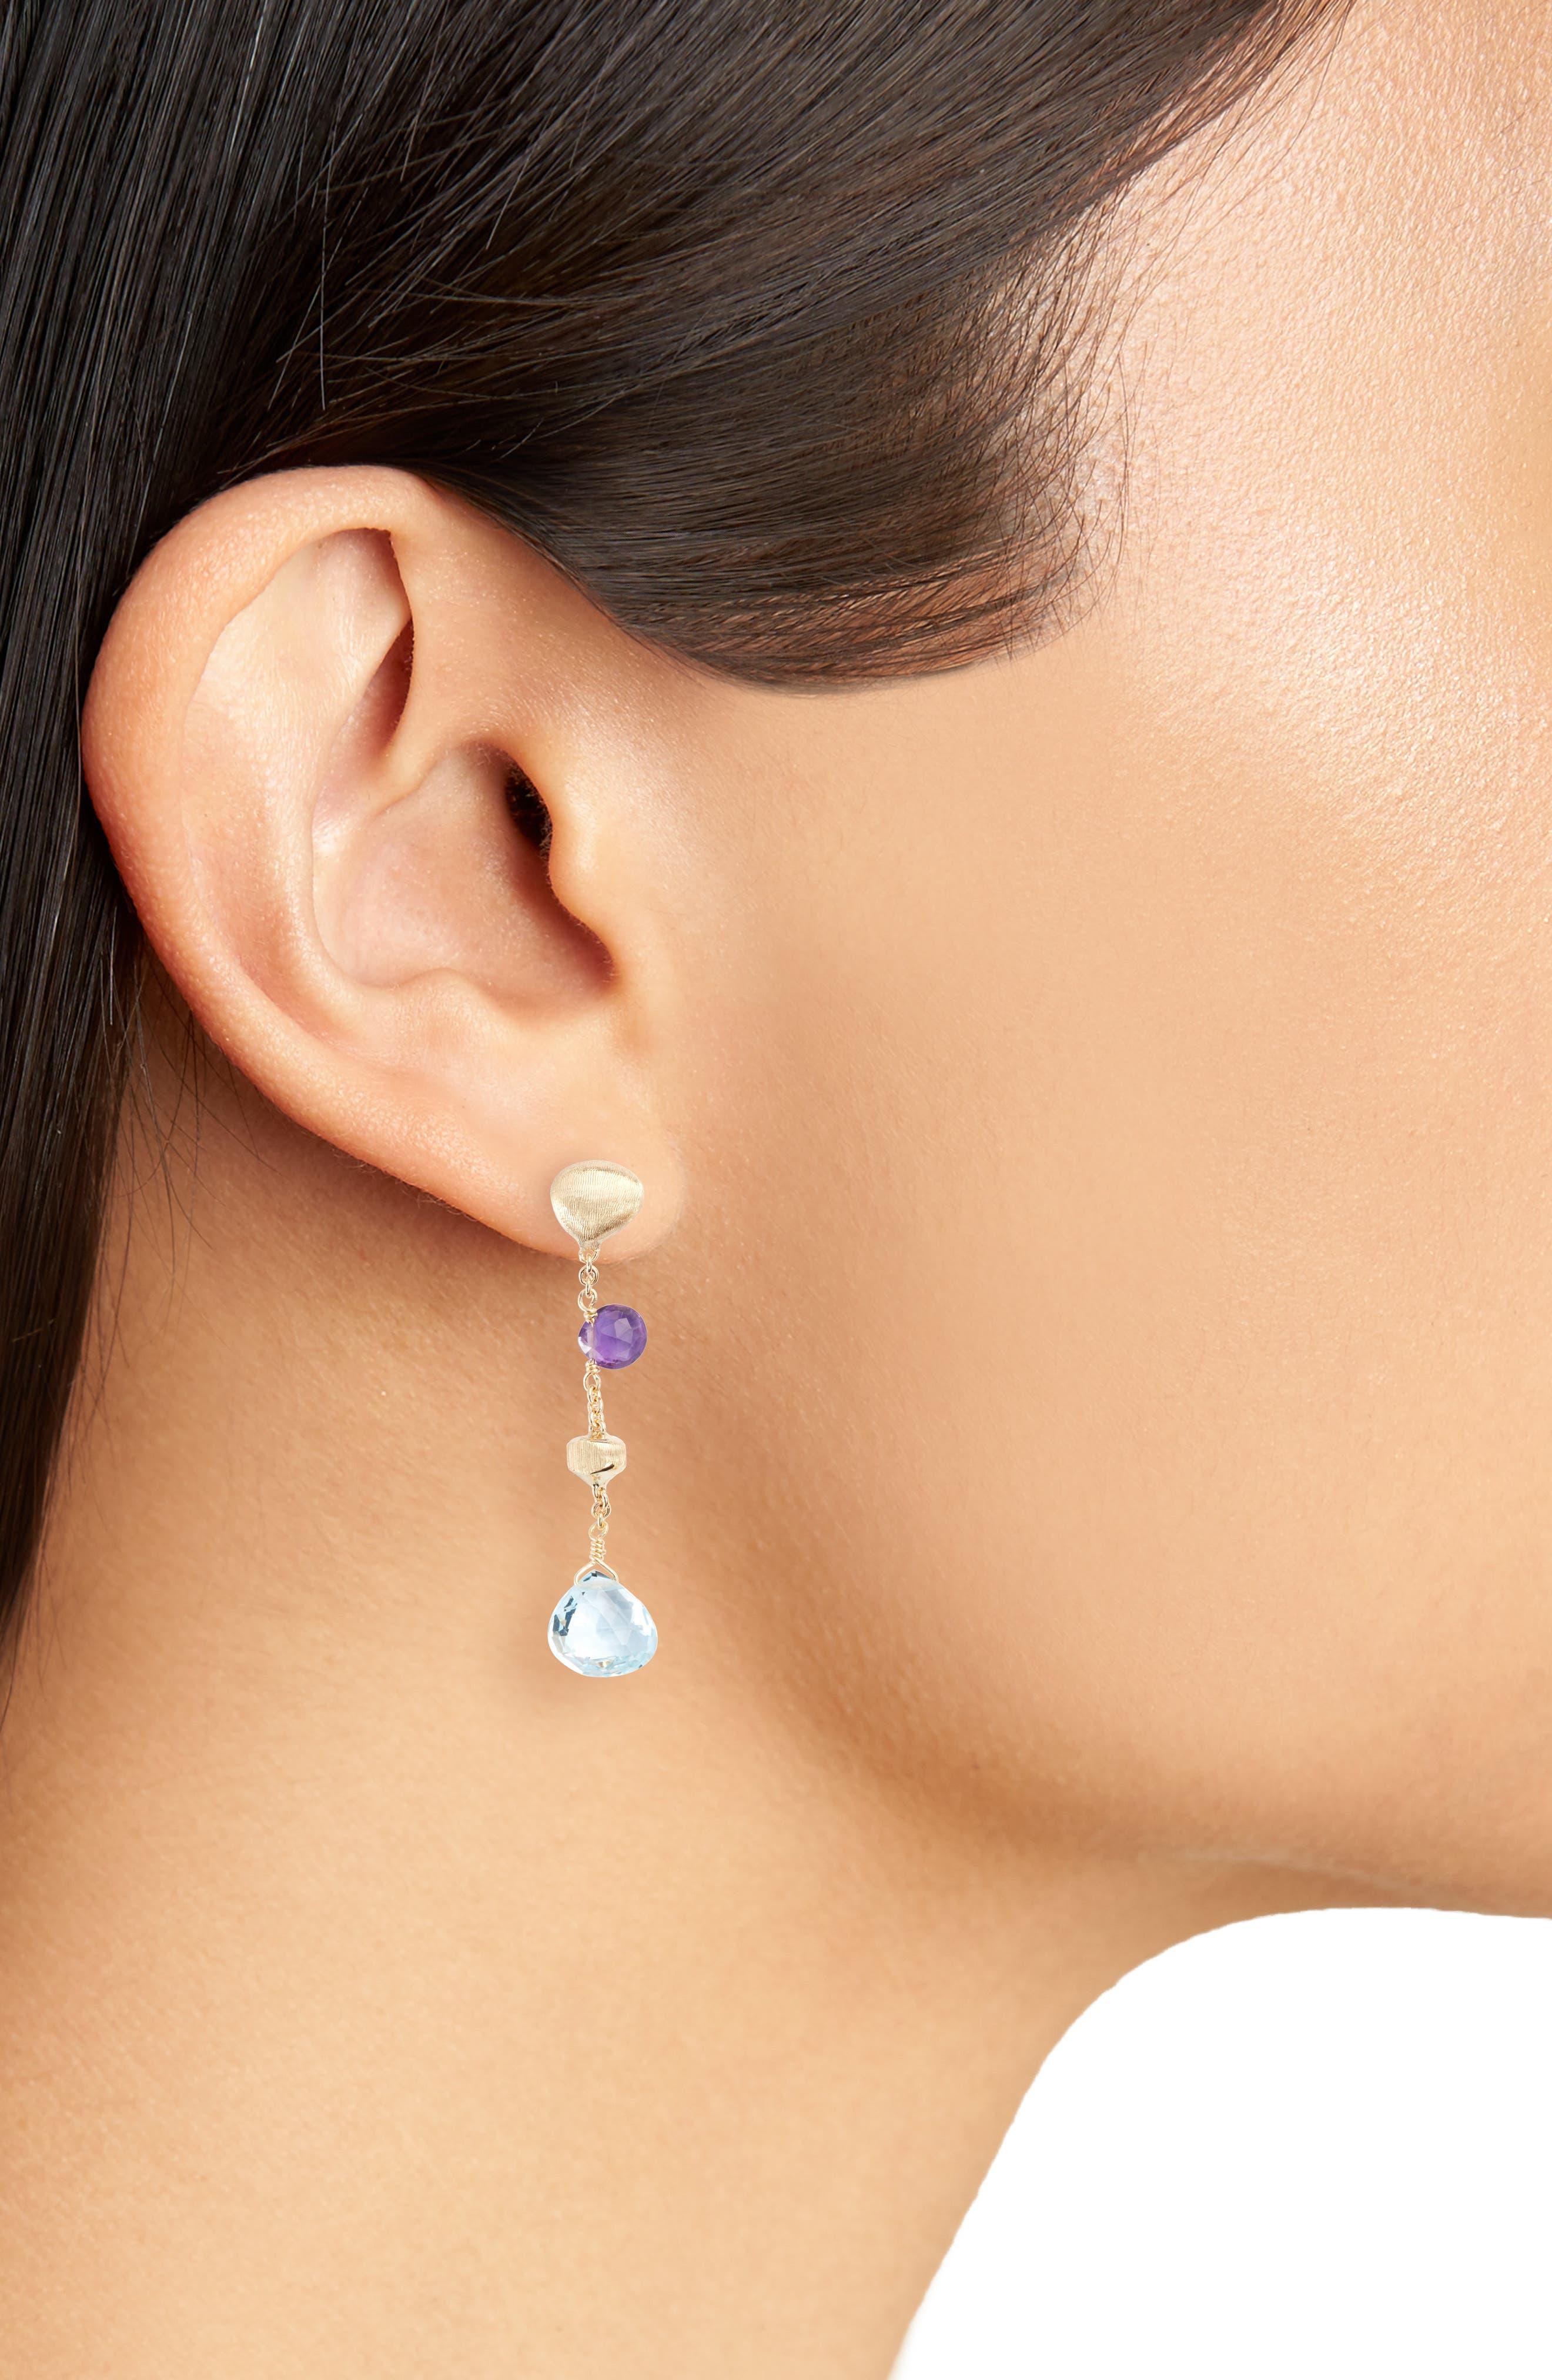 Paradise Semiprecious Stone Drop Earrings,                             Alternate thumbnail 2, color,                             YELLOW GOLD